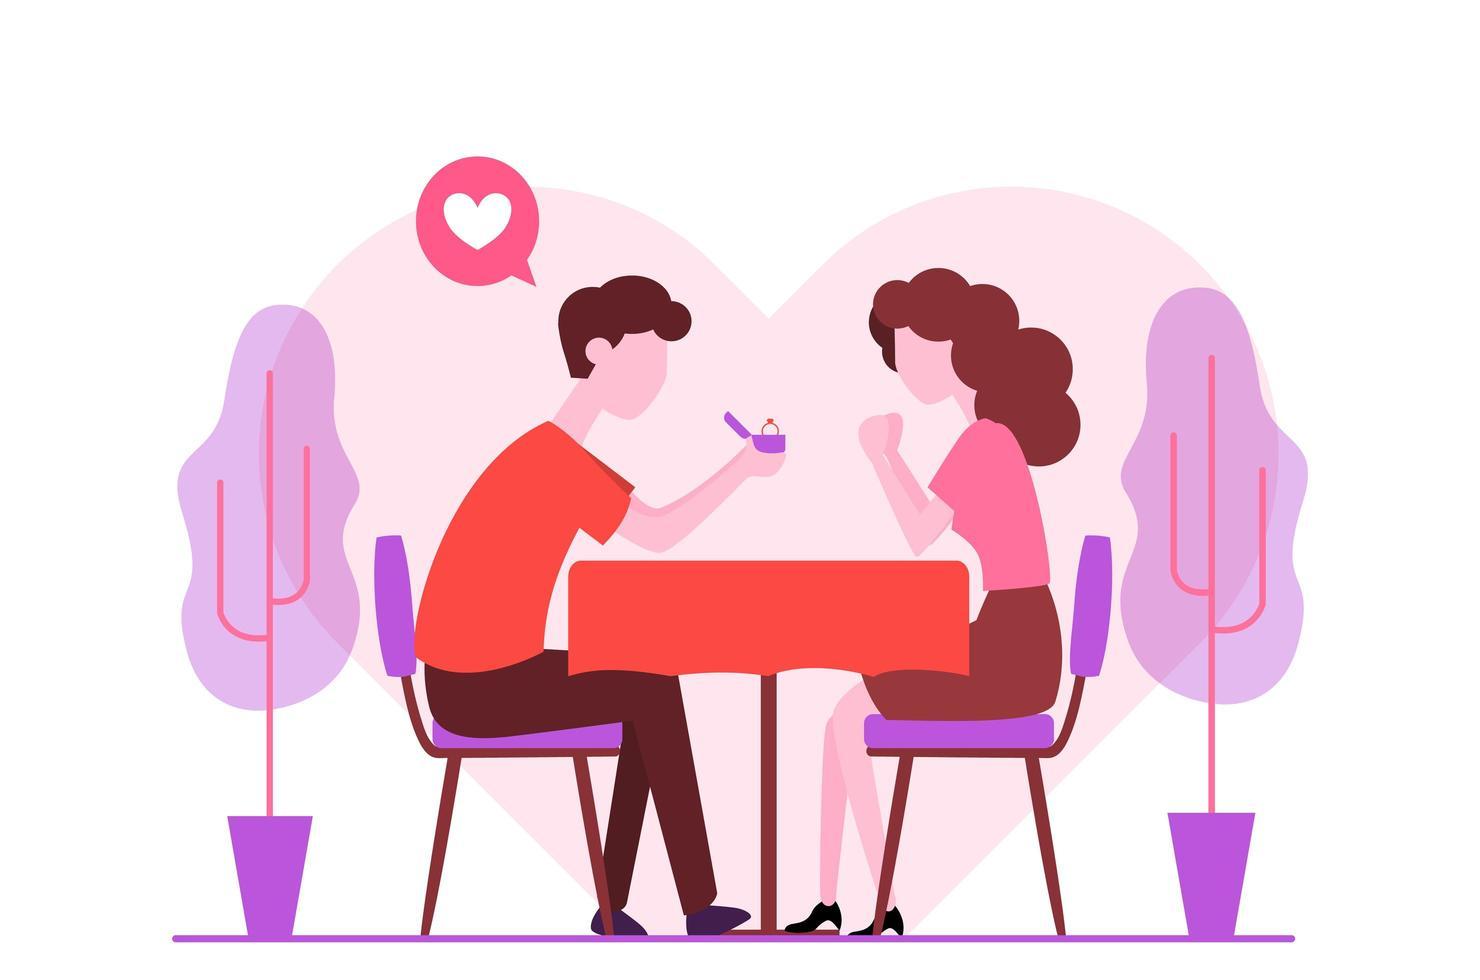 Romantisches Engagement Vorschlag Design vektor